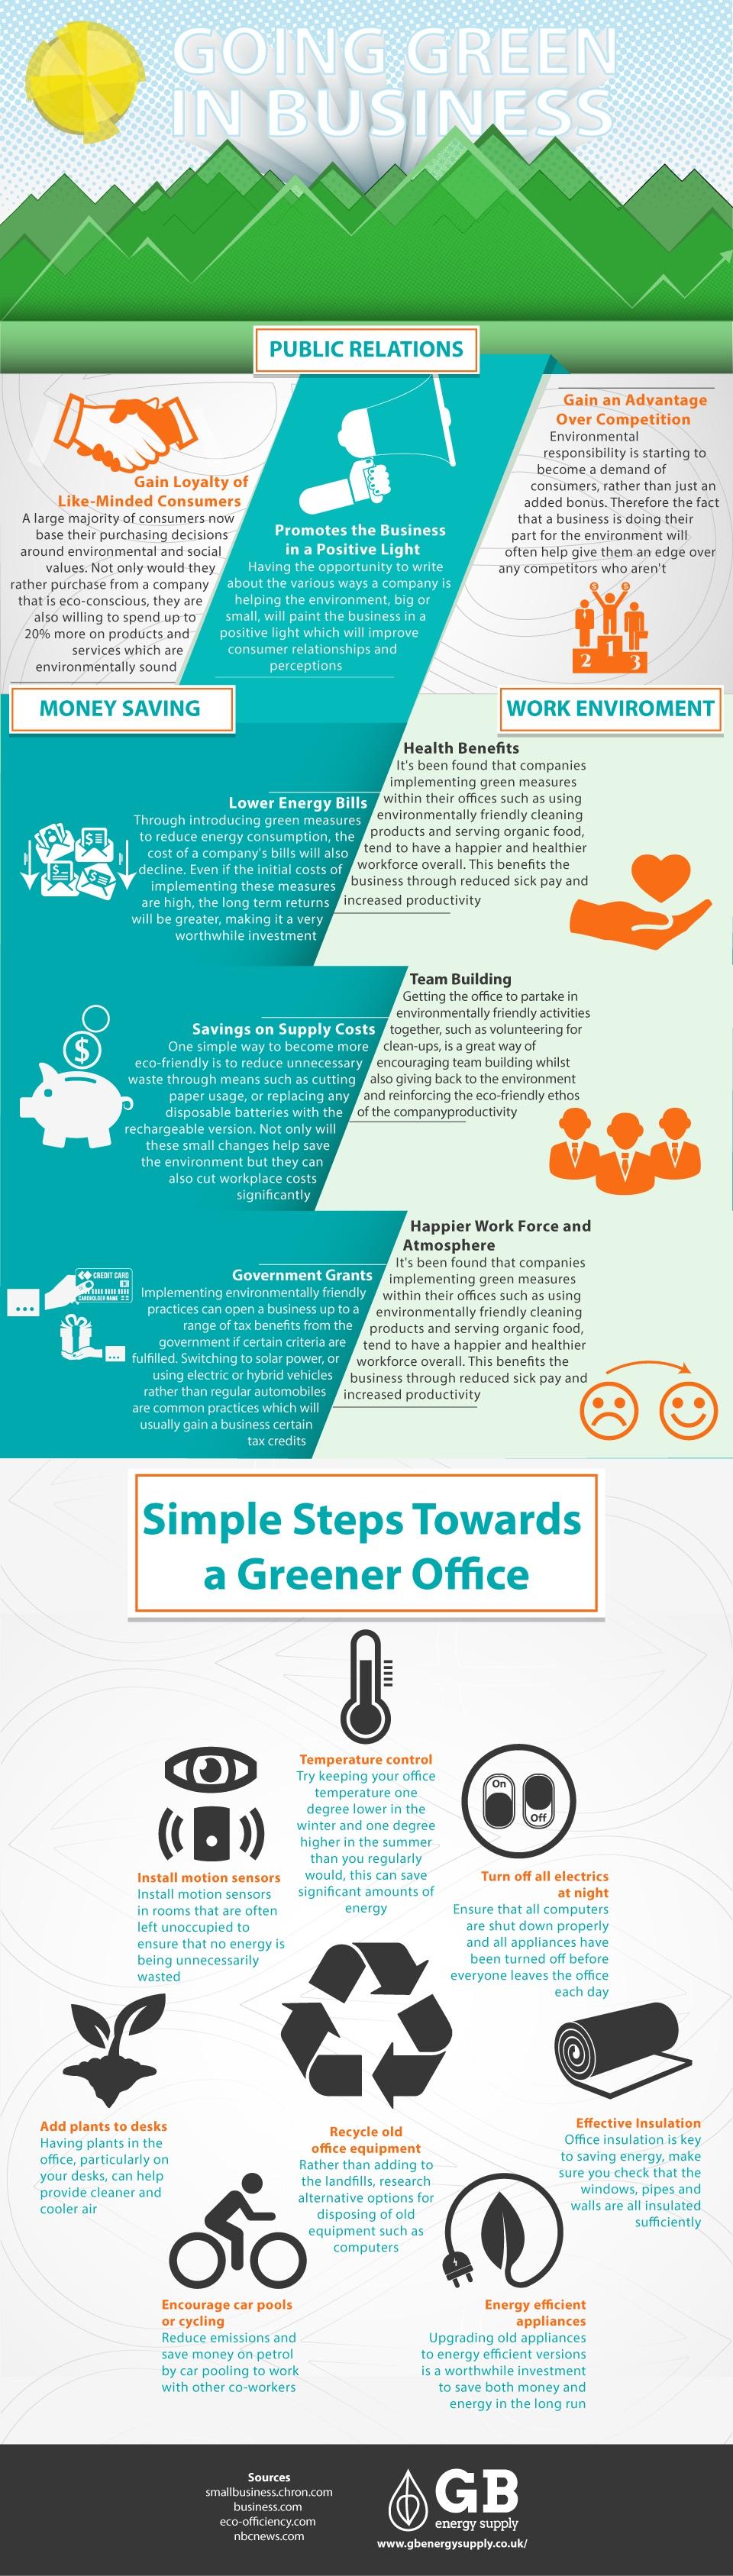 Green Business info